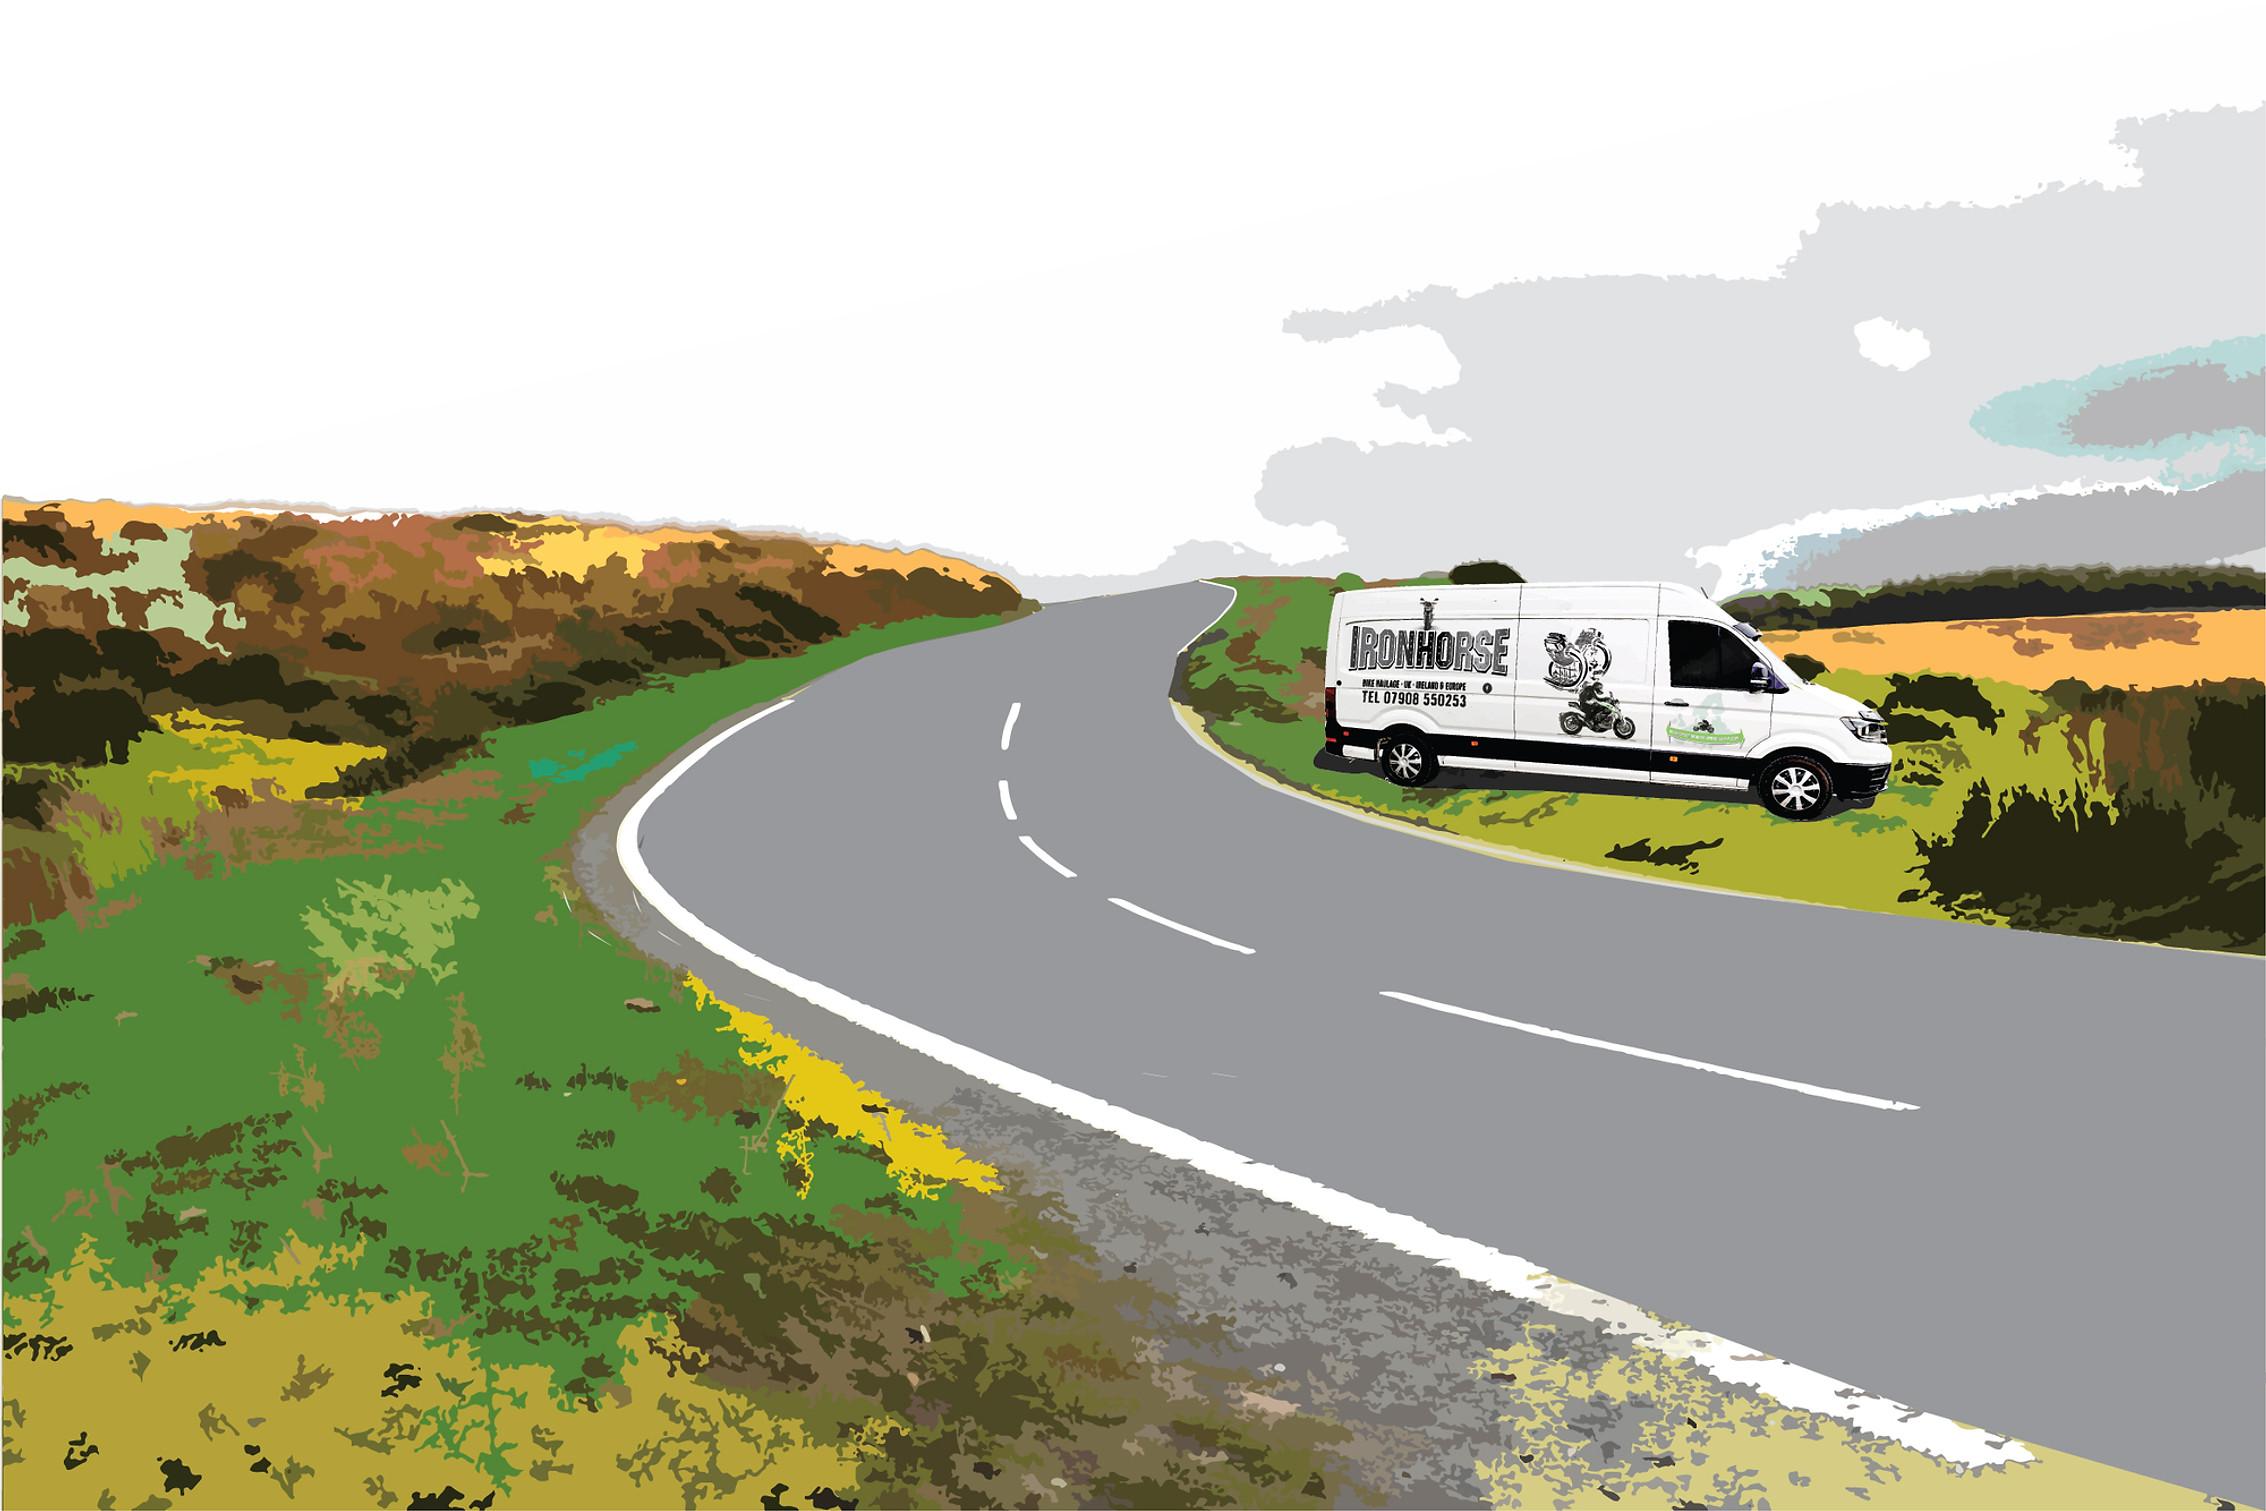 Dartmoor road illy copy.jpg